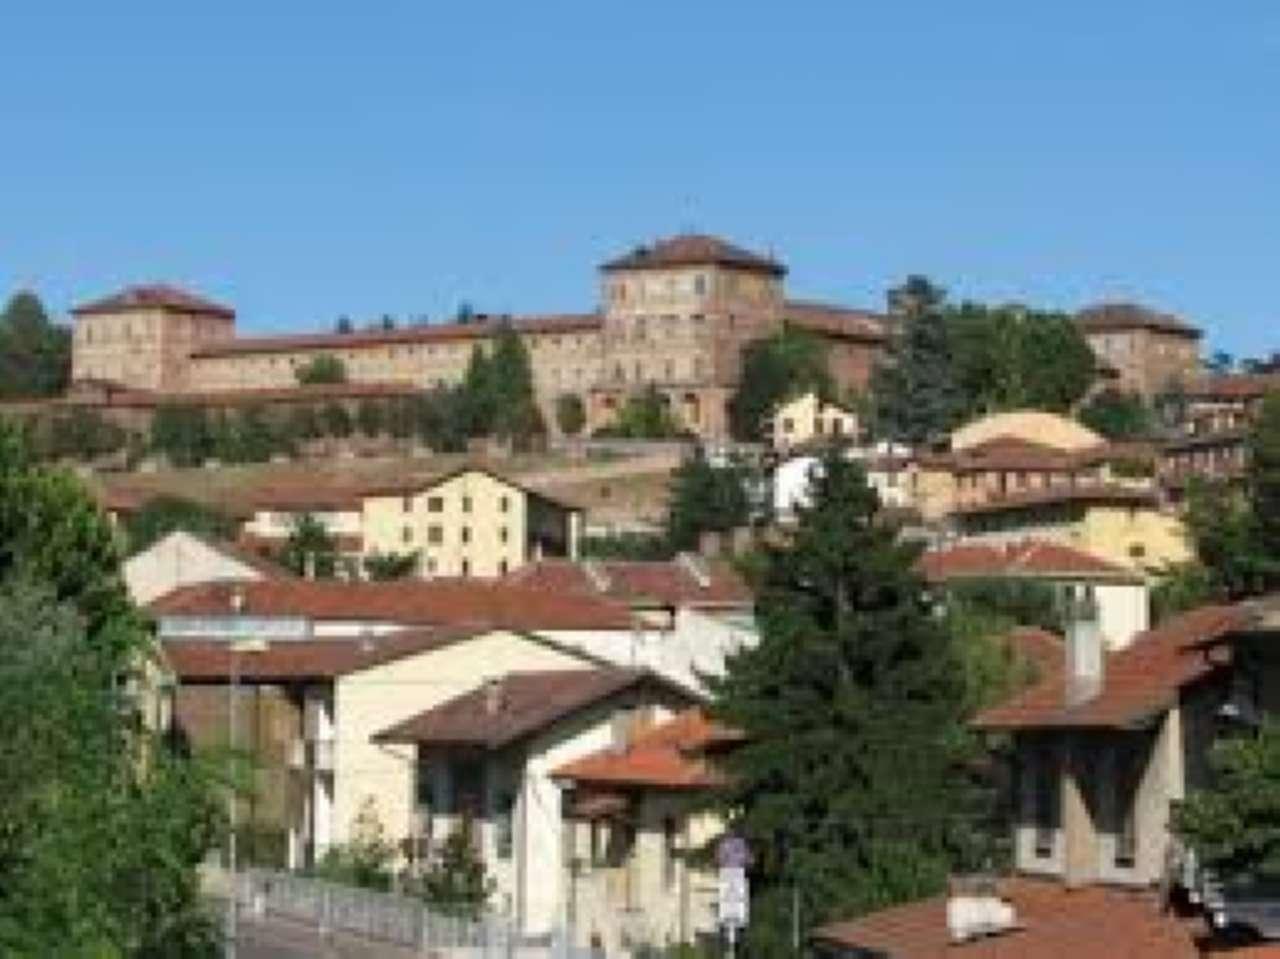 Appartamenti in affitto a moncalieri in zona barauda for Affitto moncalieri privato arredato